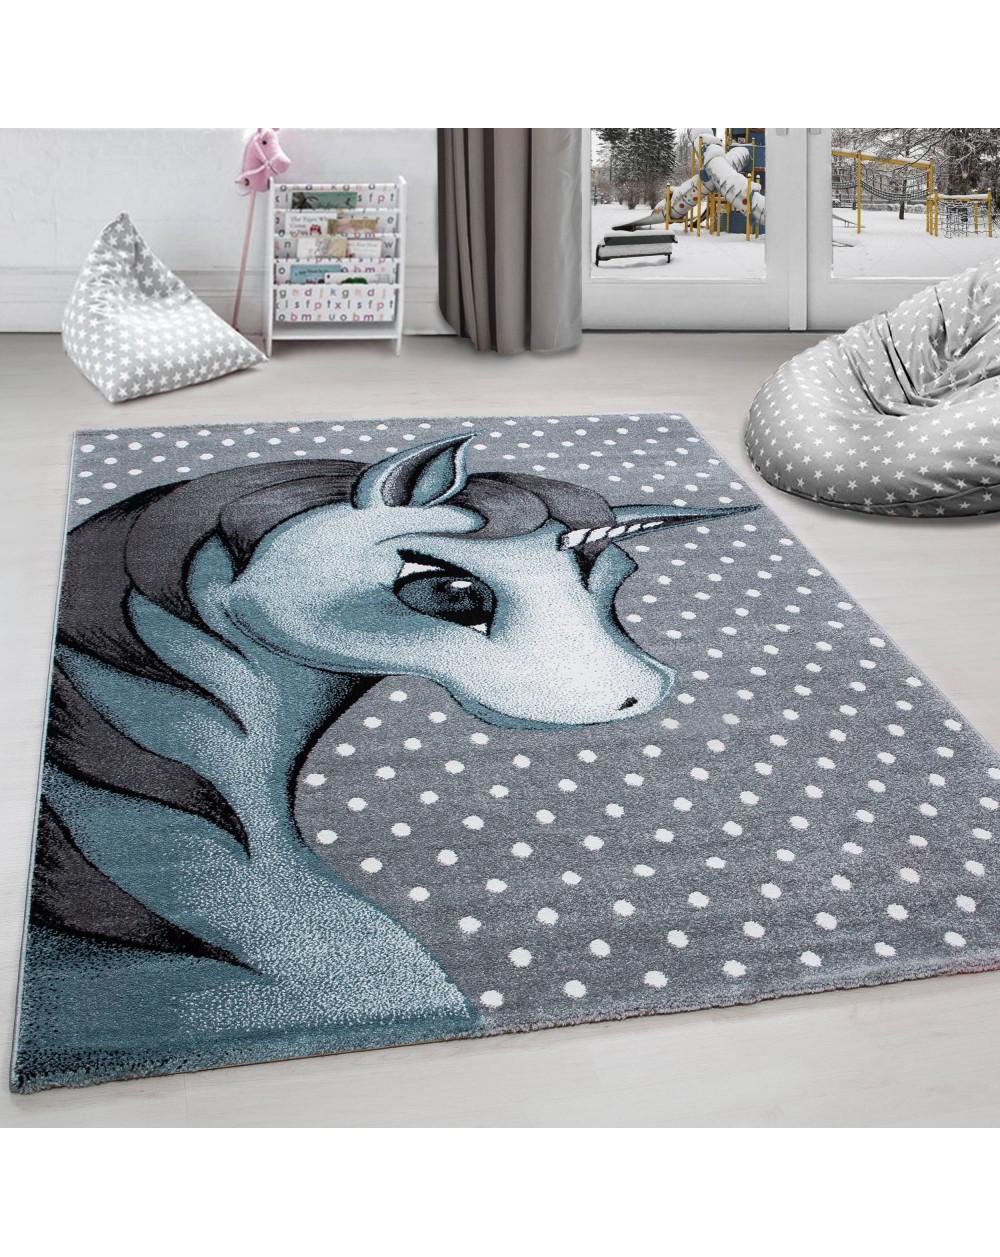 Kinderteppich Kinderzimmer Teppich Einhorn Muster Grau Weiß Blau Größe 80x150 Cm